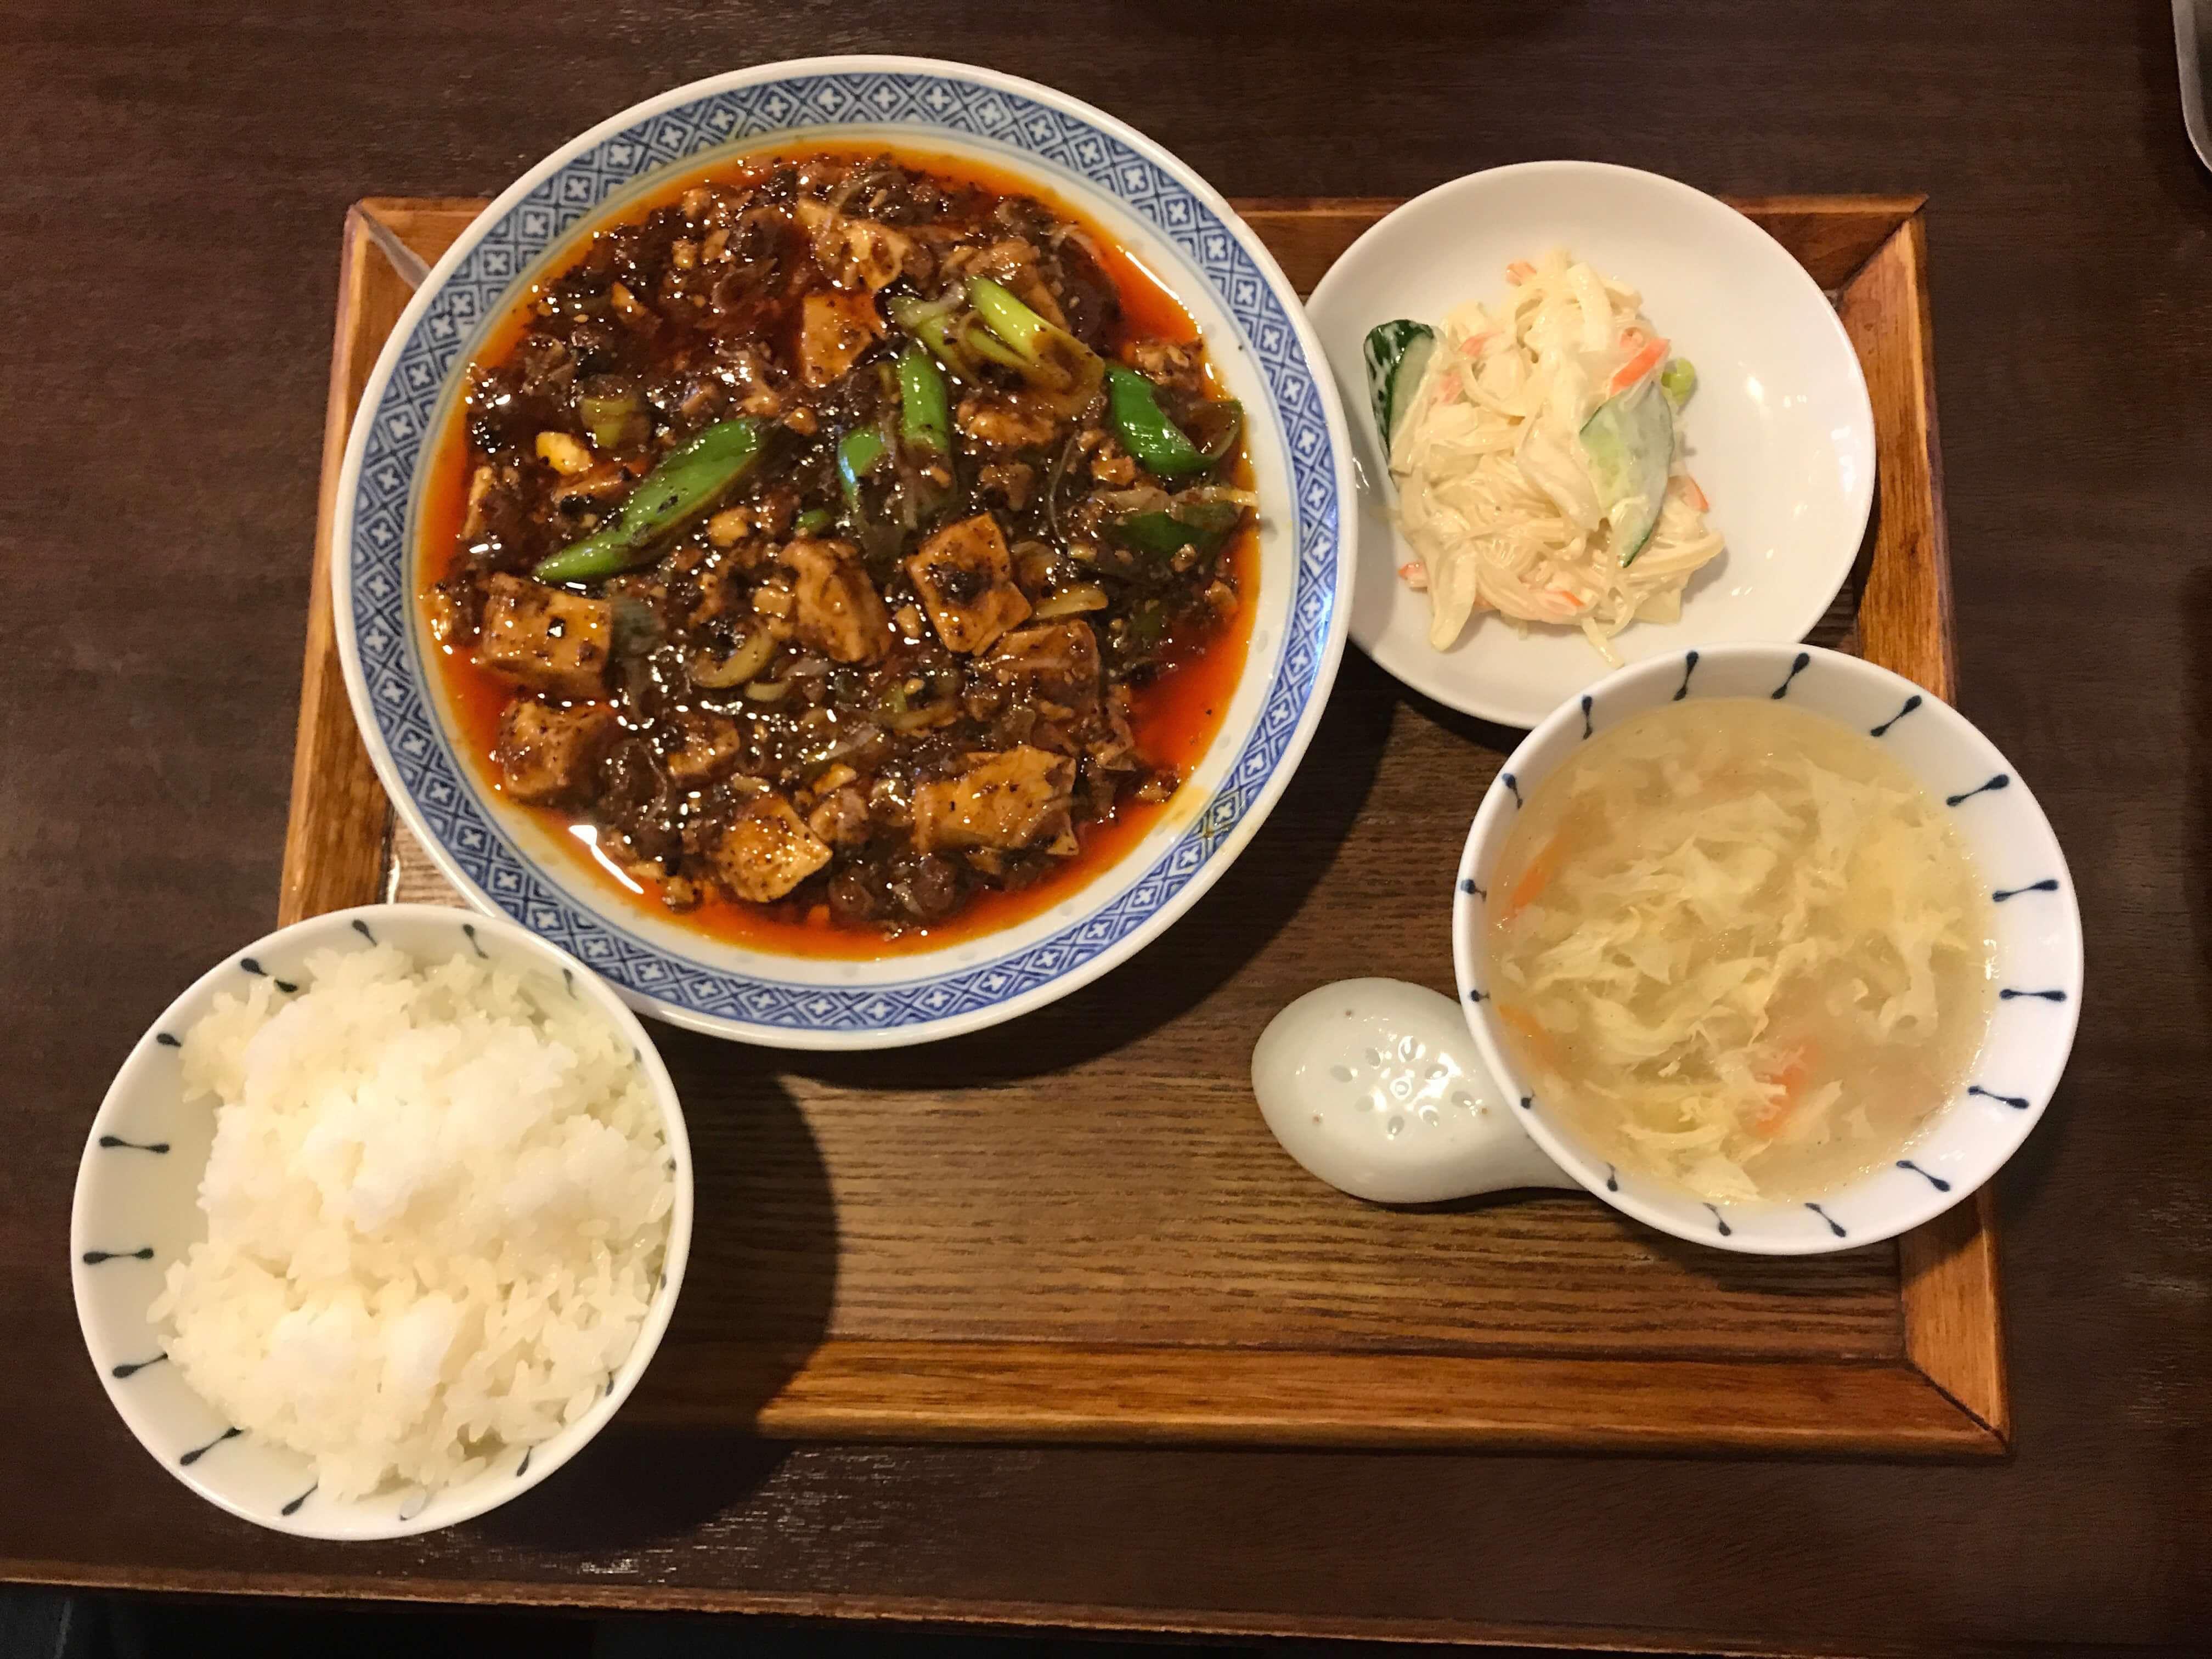 ここに来た人のほとんどが頼む、麻婆豆腐定食(980円)です。